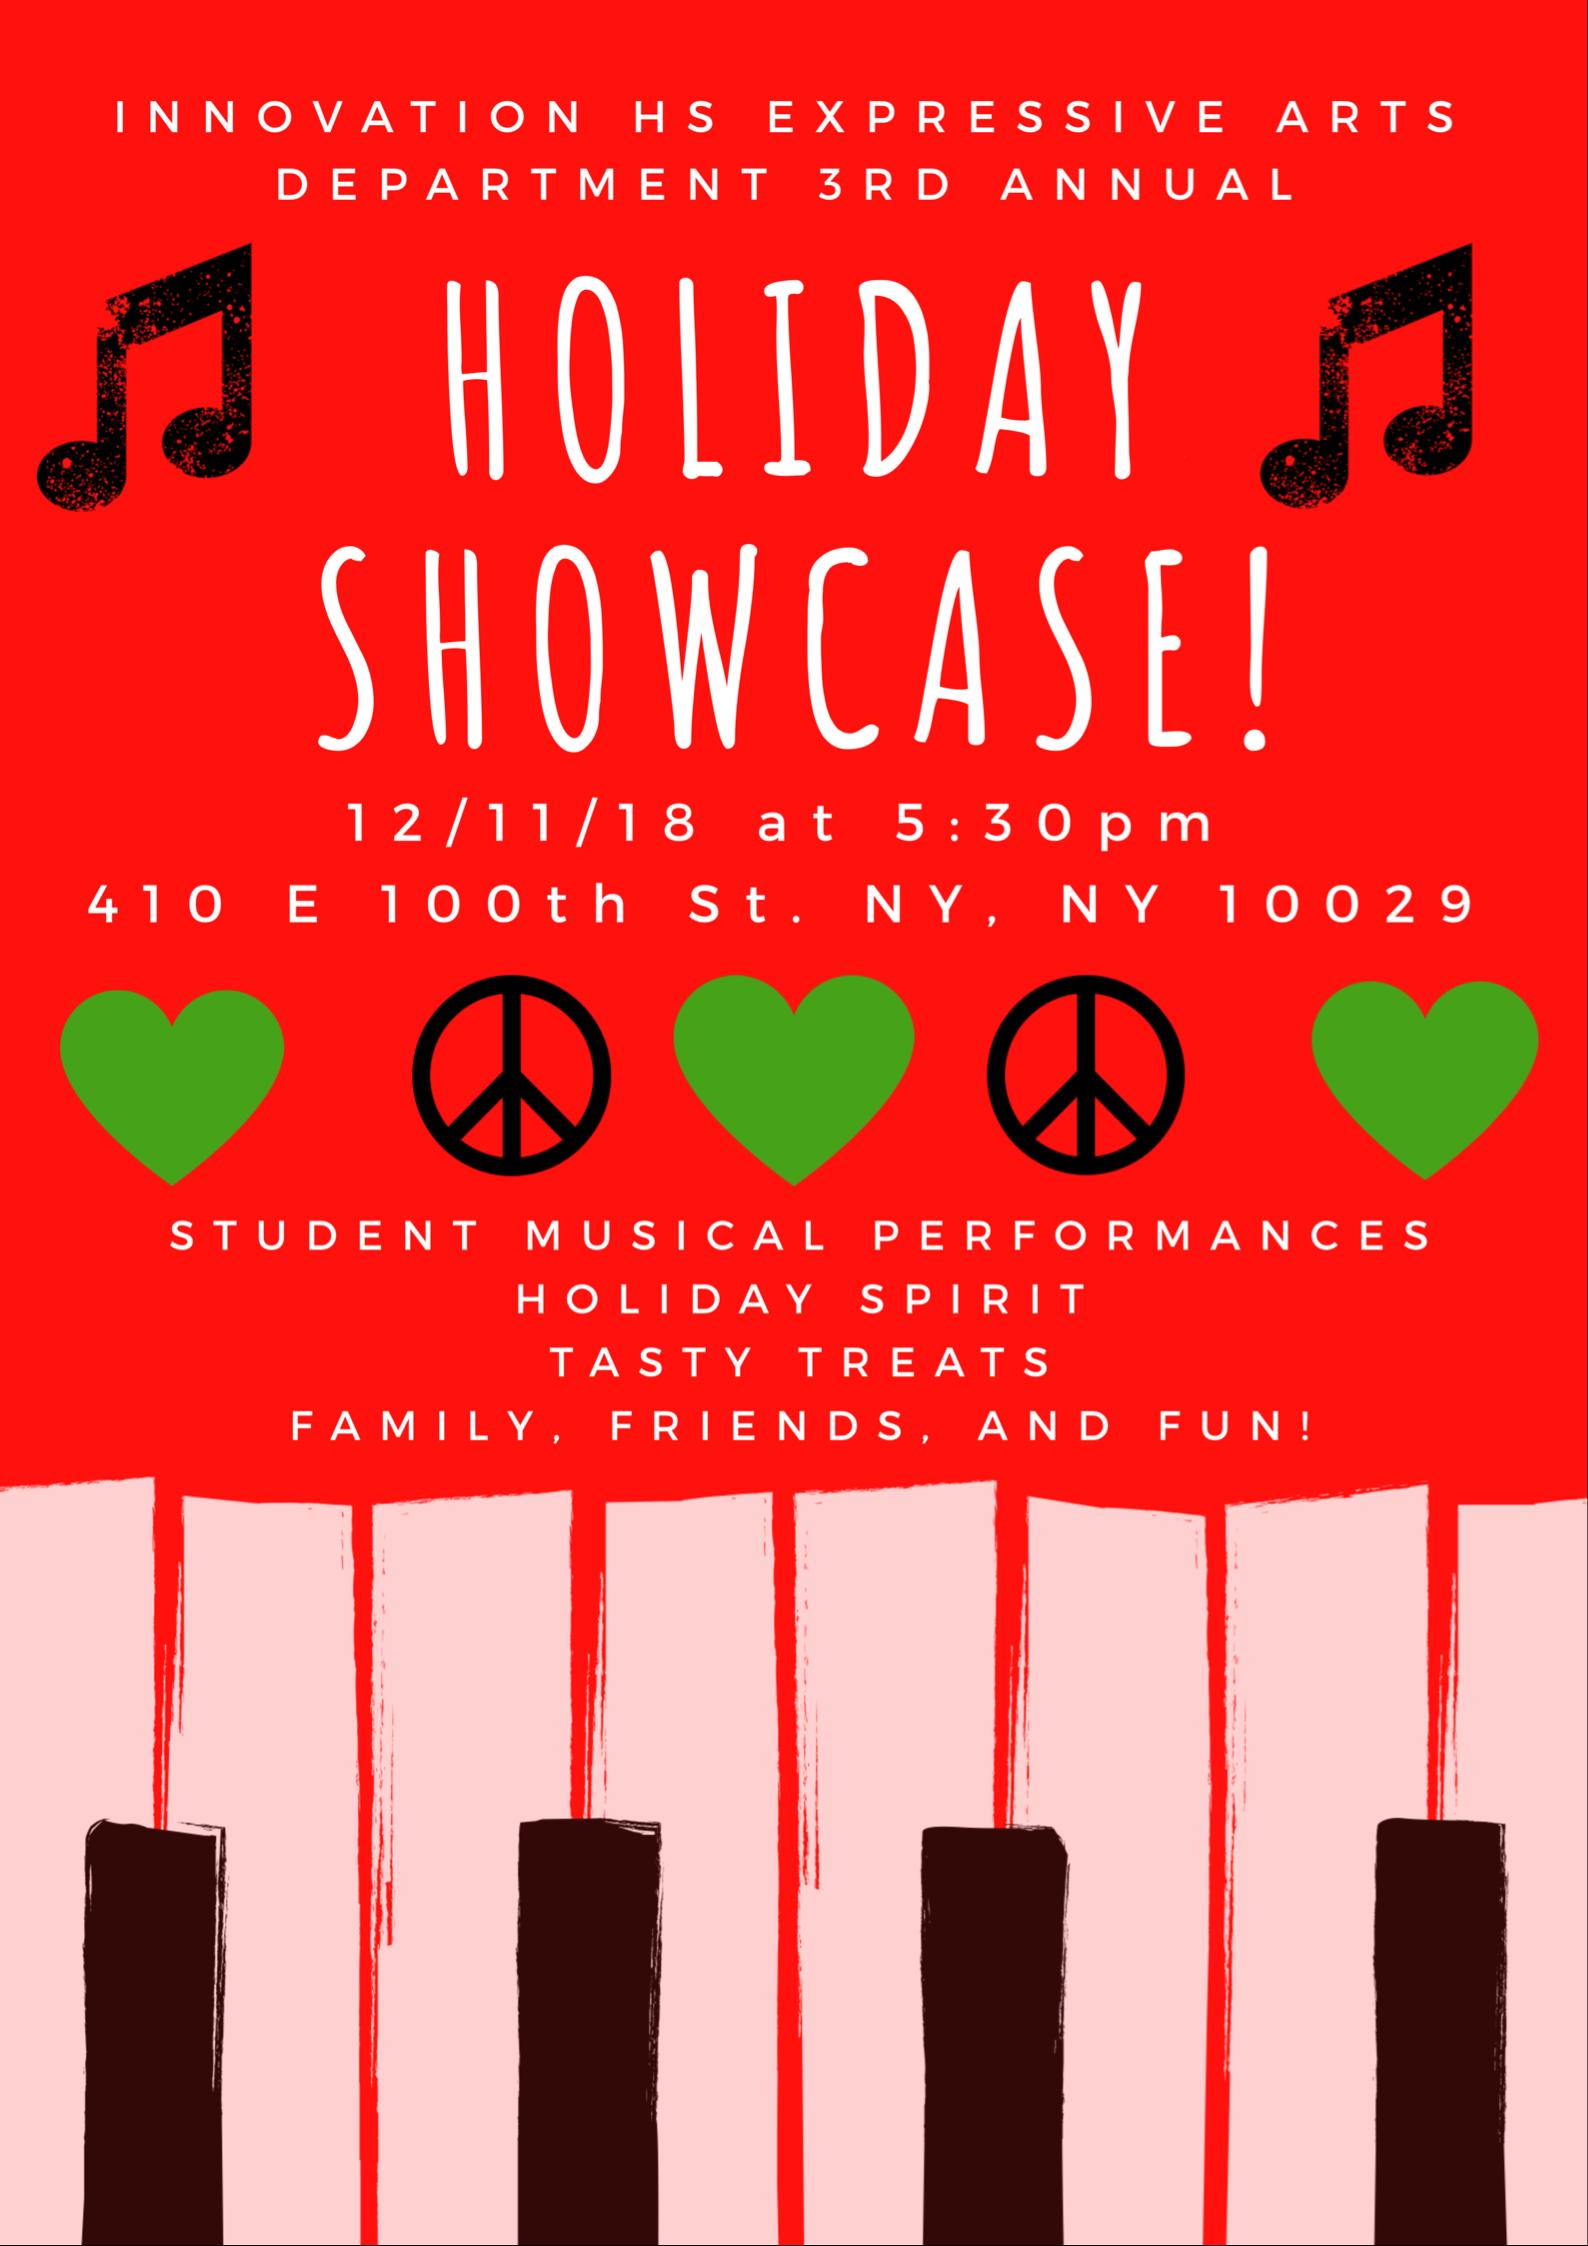 2018 Holiday Showcase